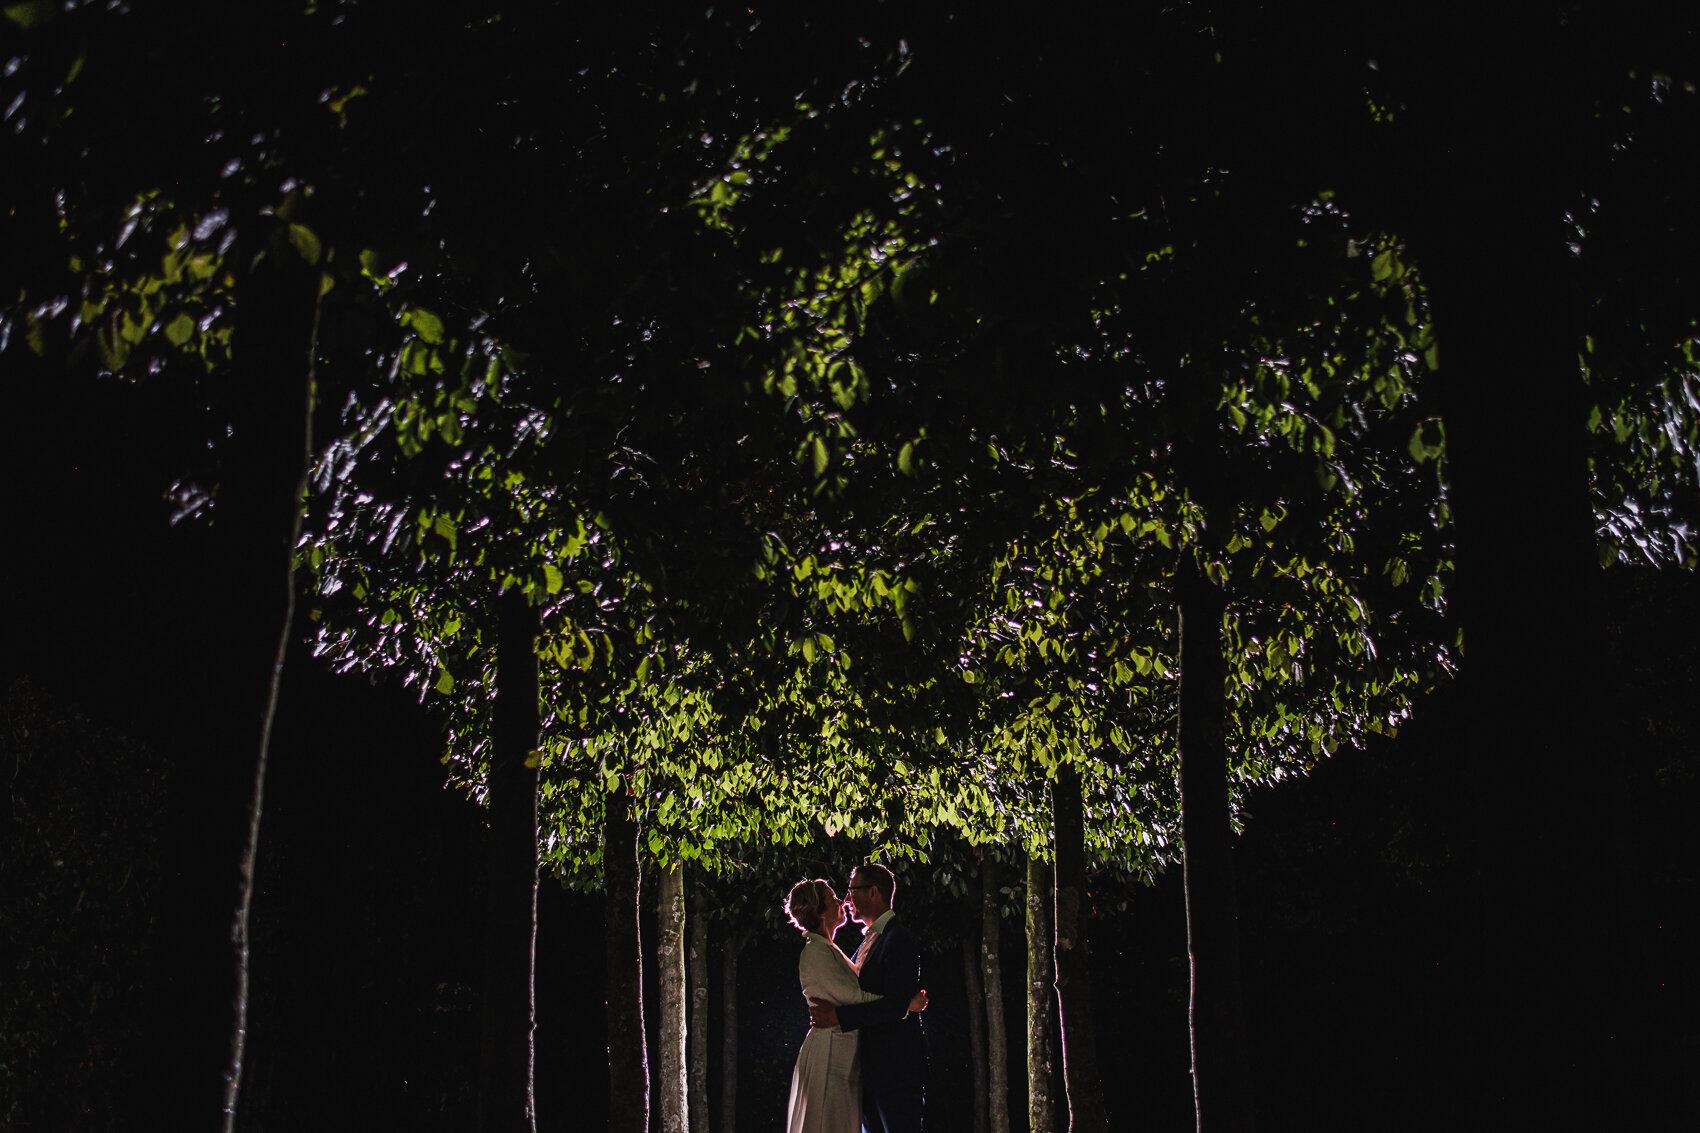 iso800 - huwelijksfotograaf goele kris den eyck kasterlee-9.jpg